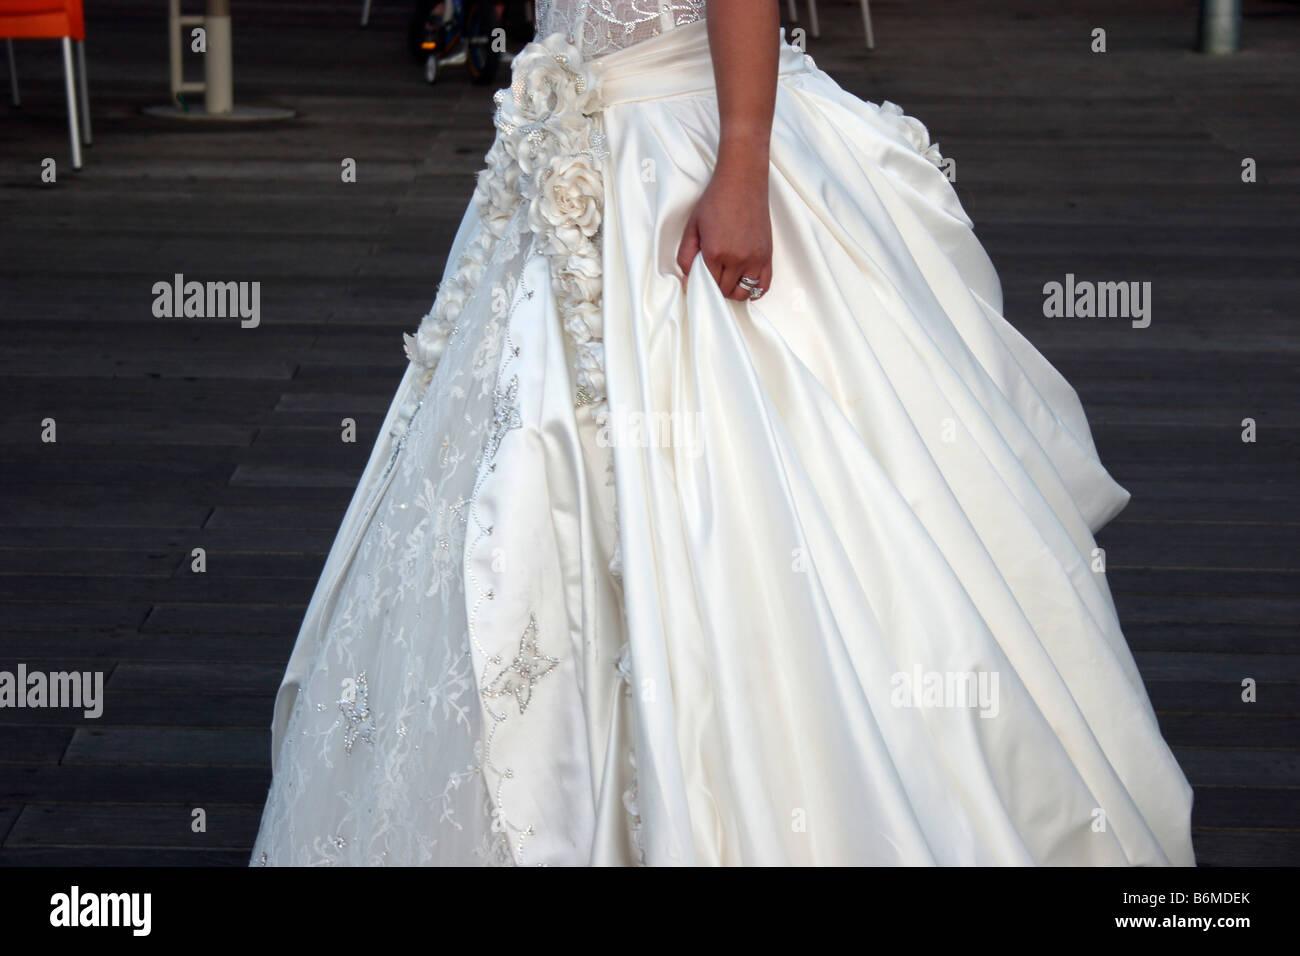 Charmant Chelsea Clinton Hochzeitskleid Bilder - Brautkleider Ideen ...